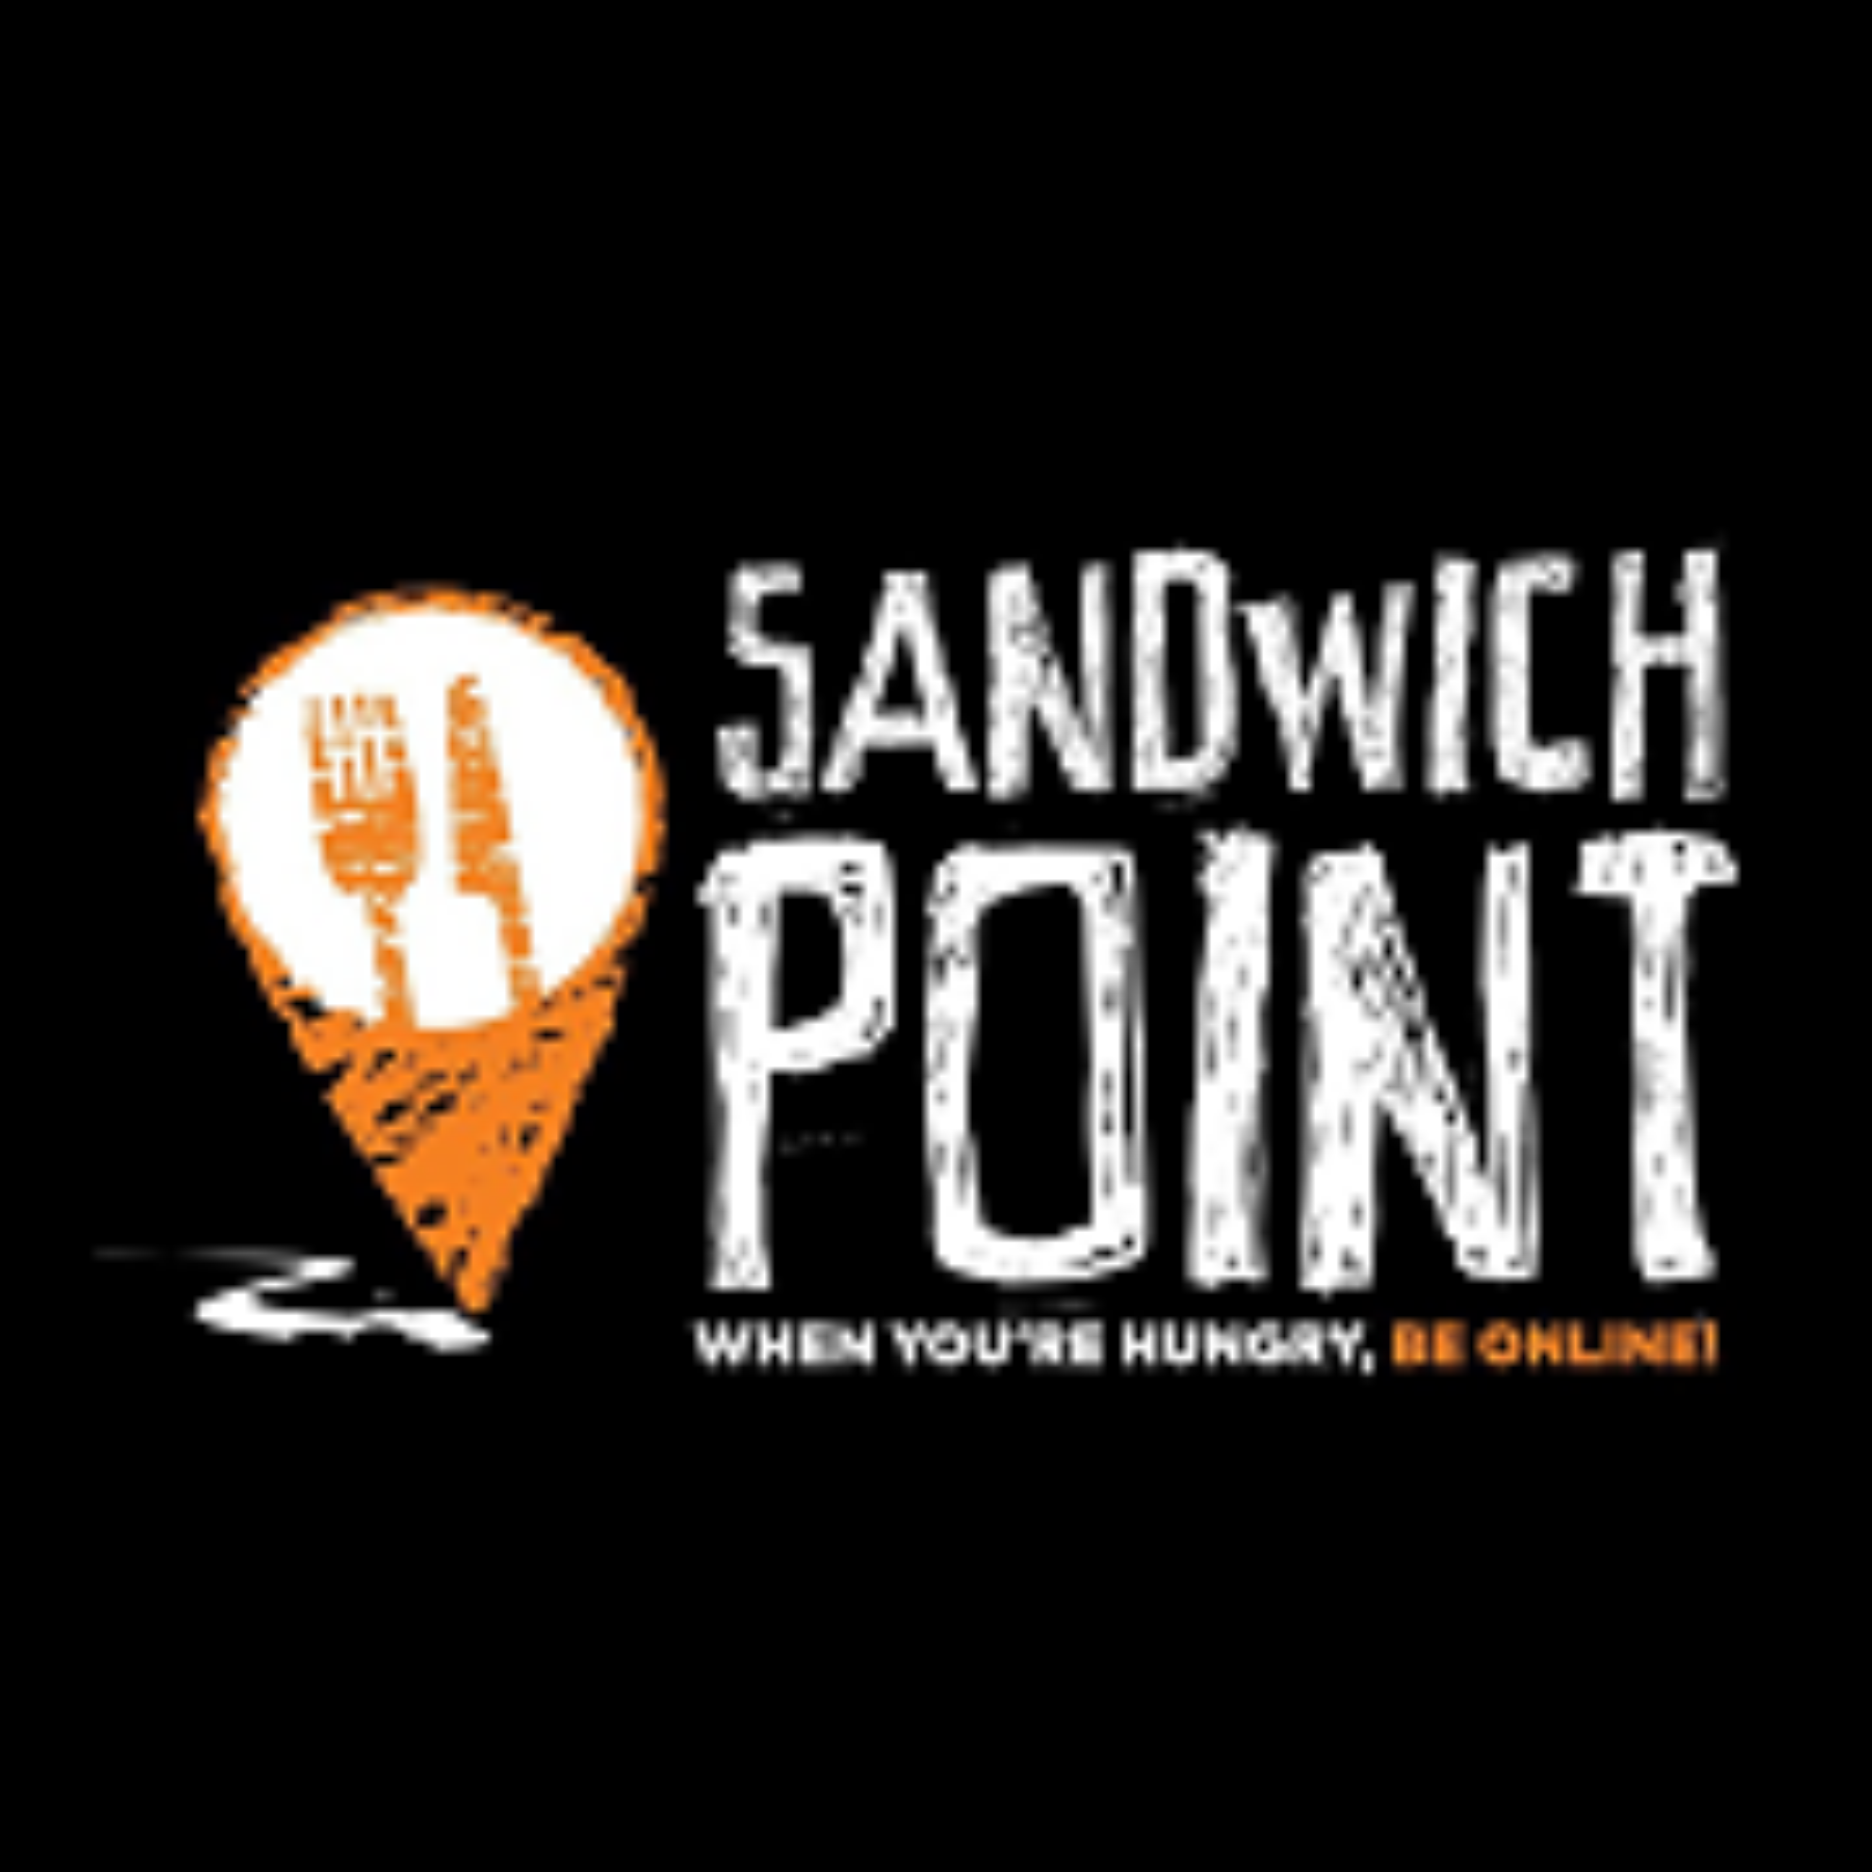 Sandwich point